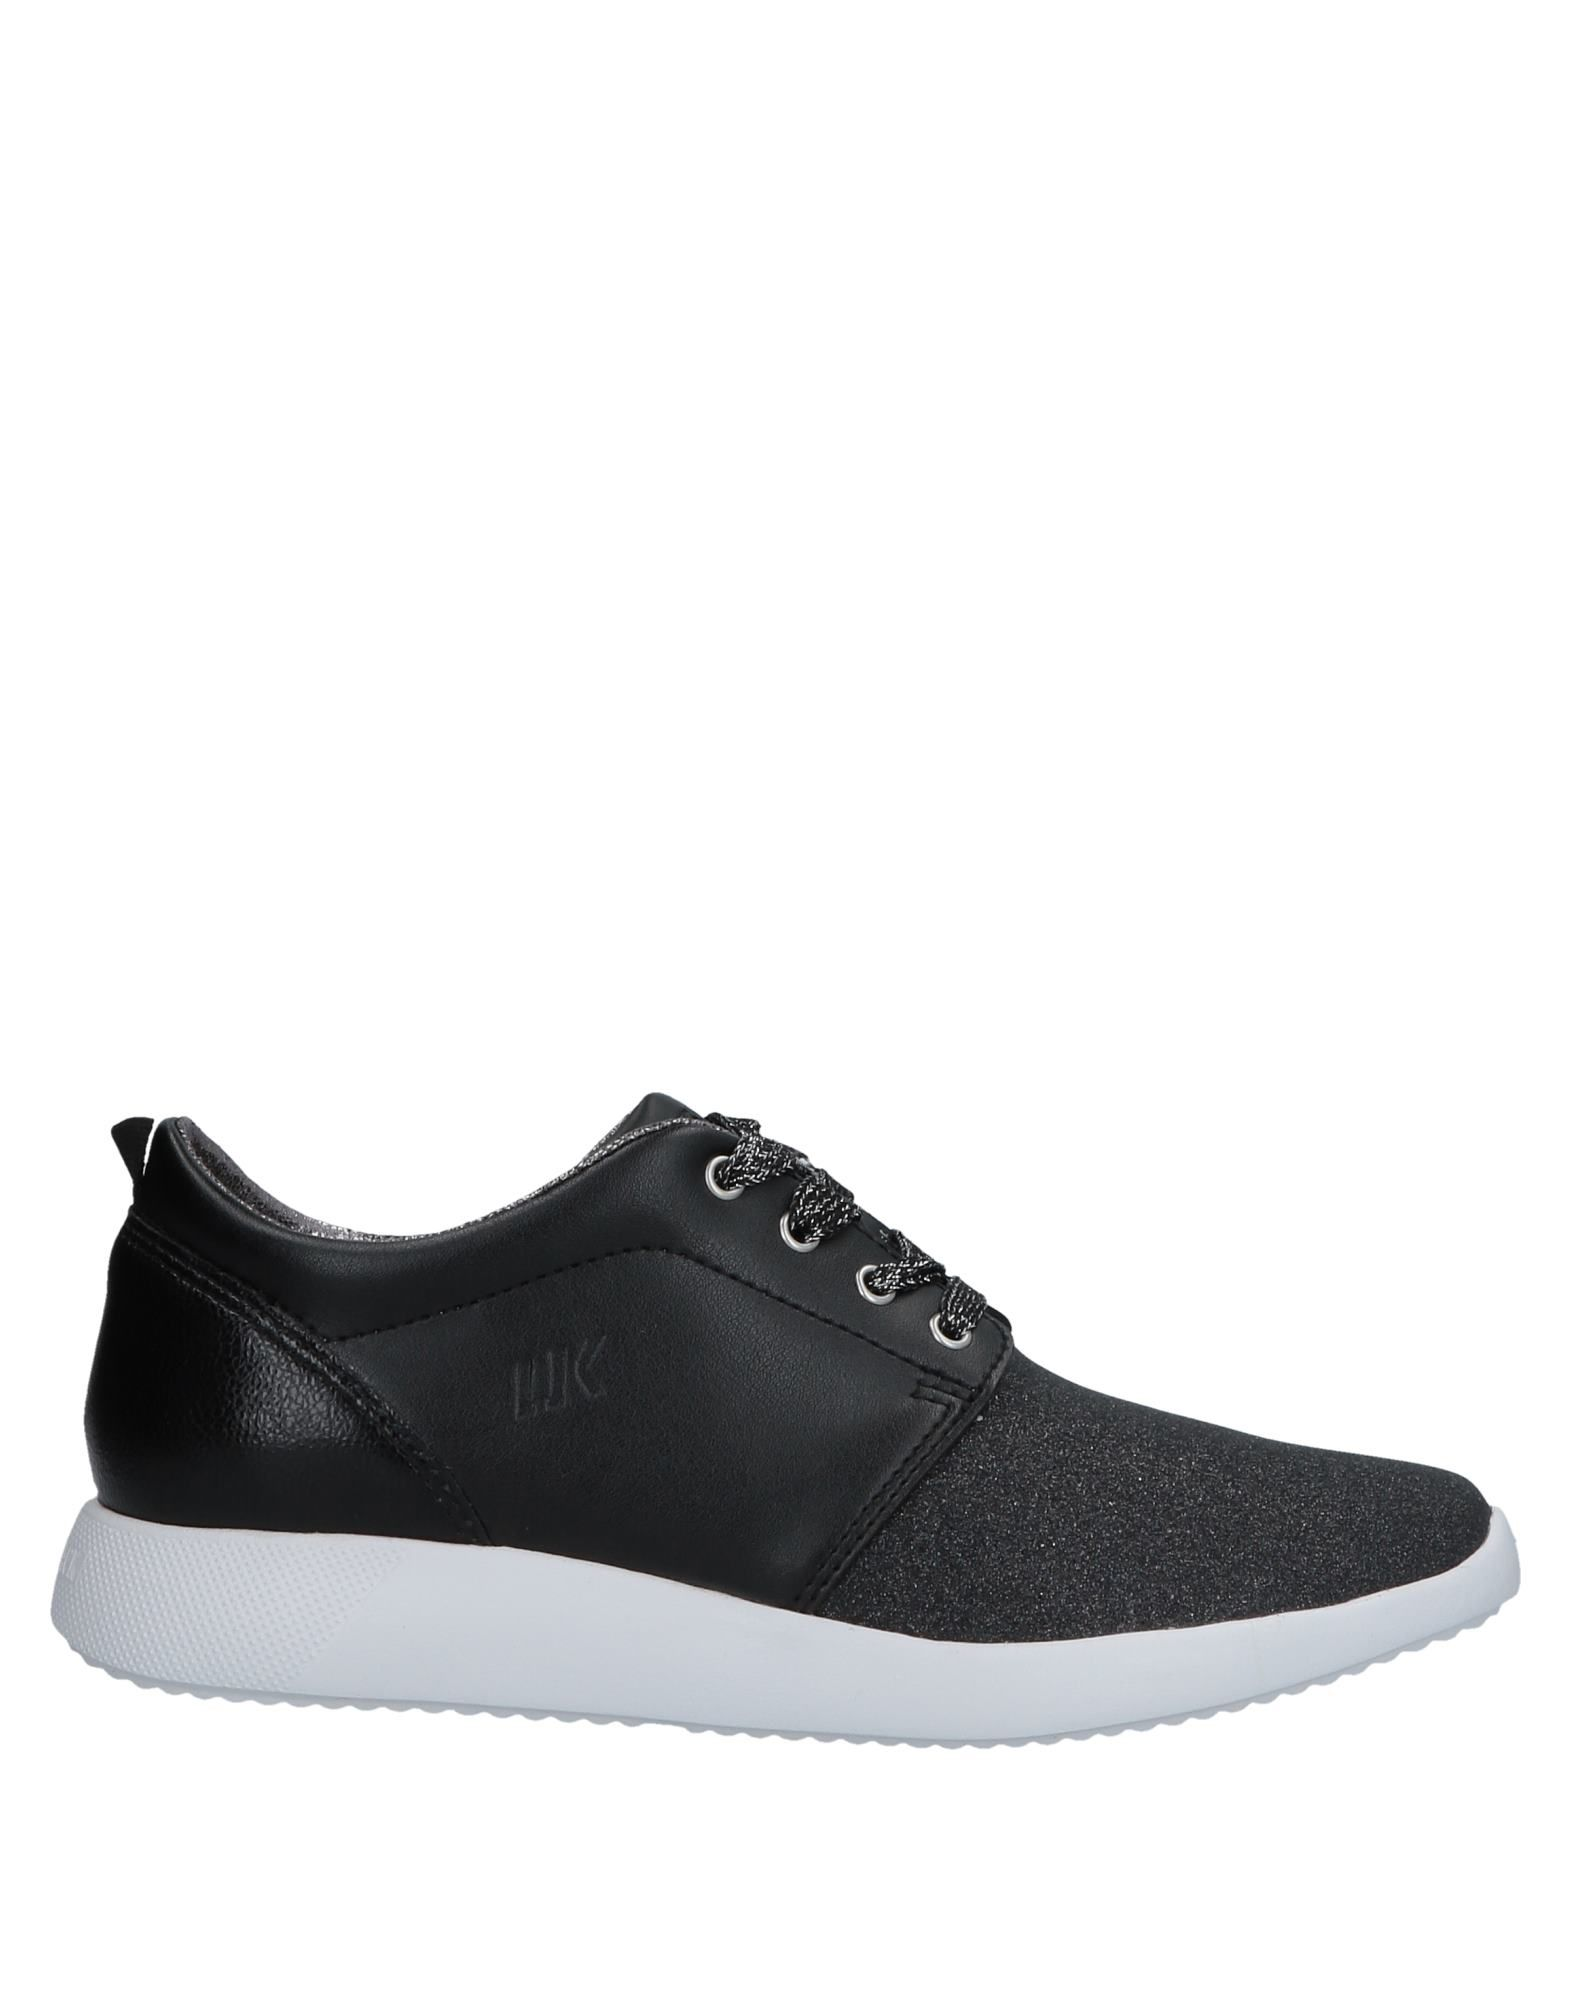 Lumberjack Sneakers online - Women Lumberjack Sneakers online Sneakers on  Australia - 11570536CG 14f543